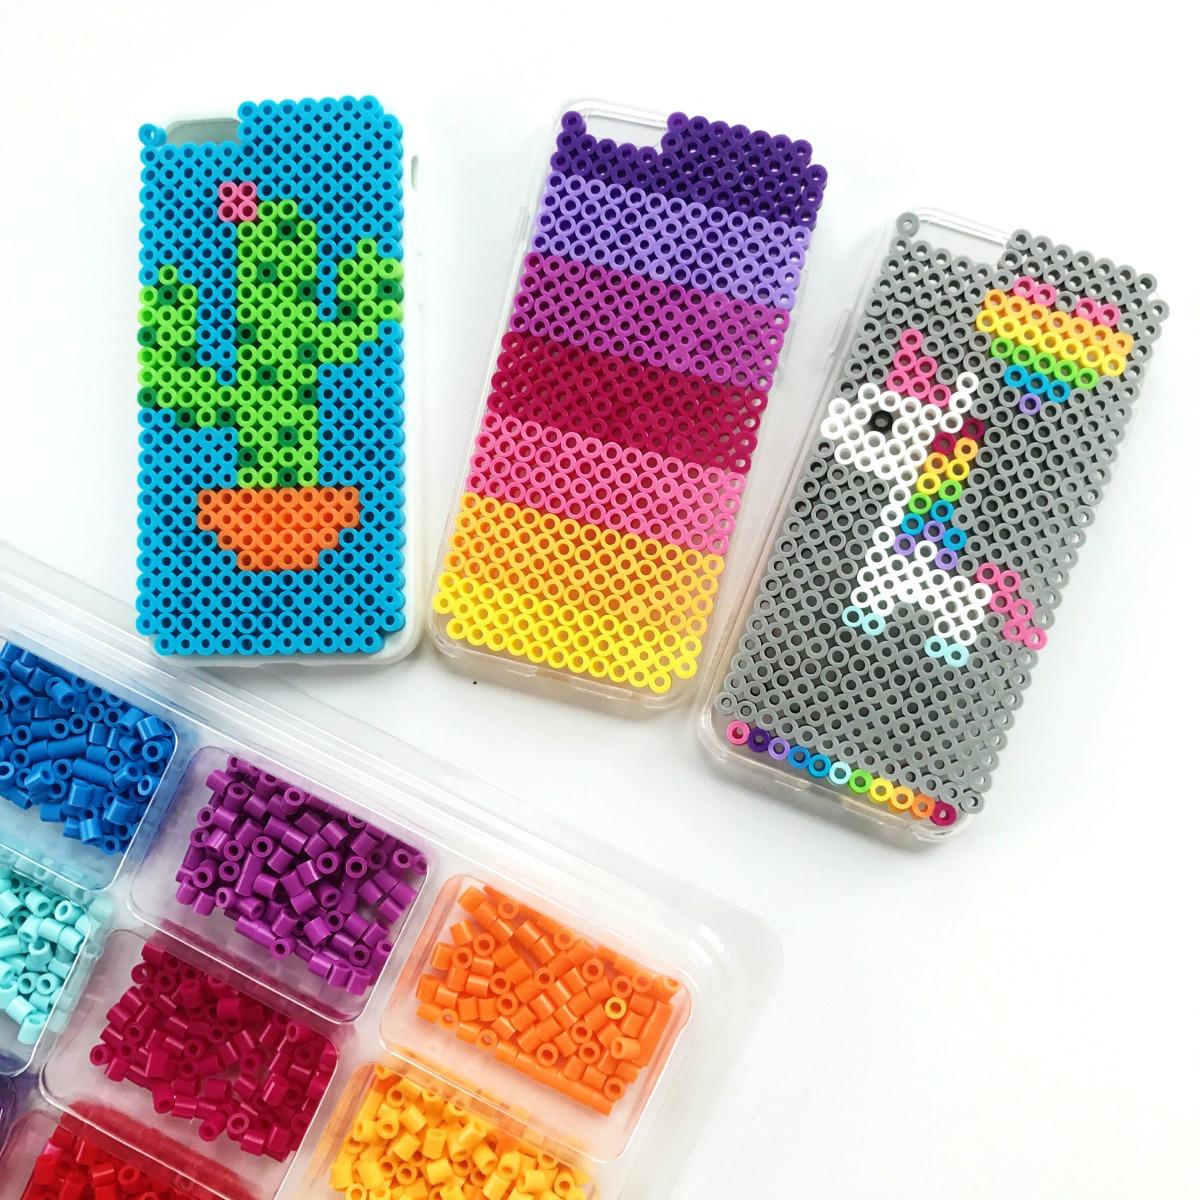 New Zelf maken met strijkkralen: TELEFOONHOESJE - Freubelweb :Freubelweb @OS04